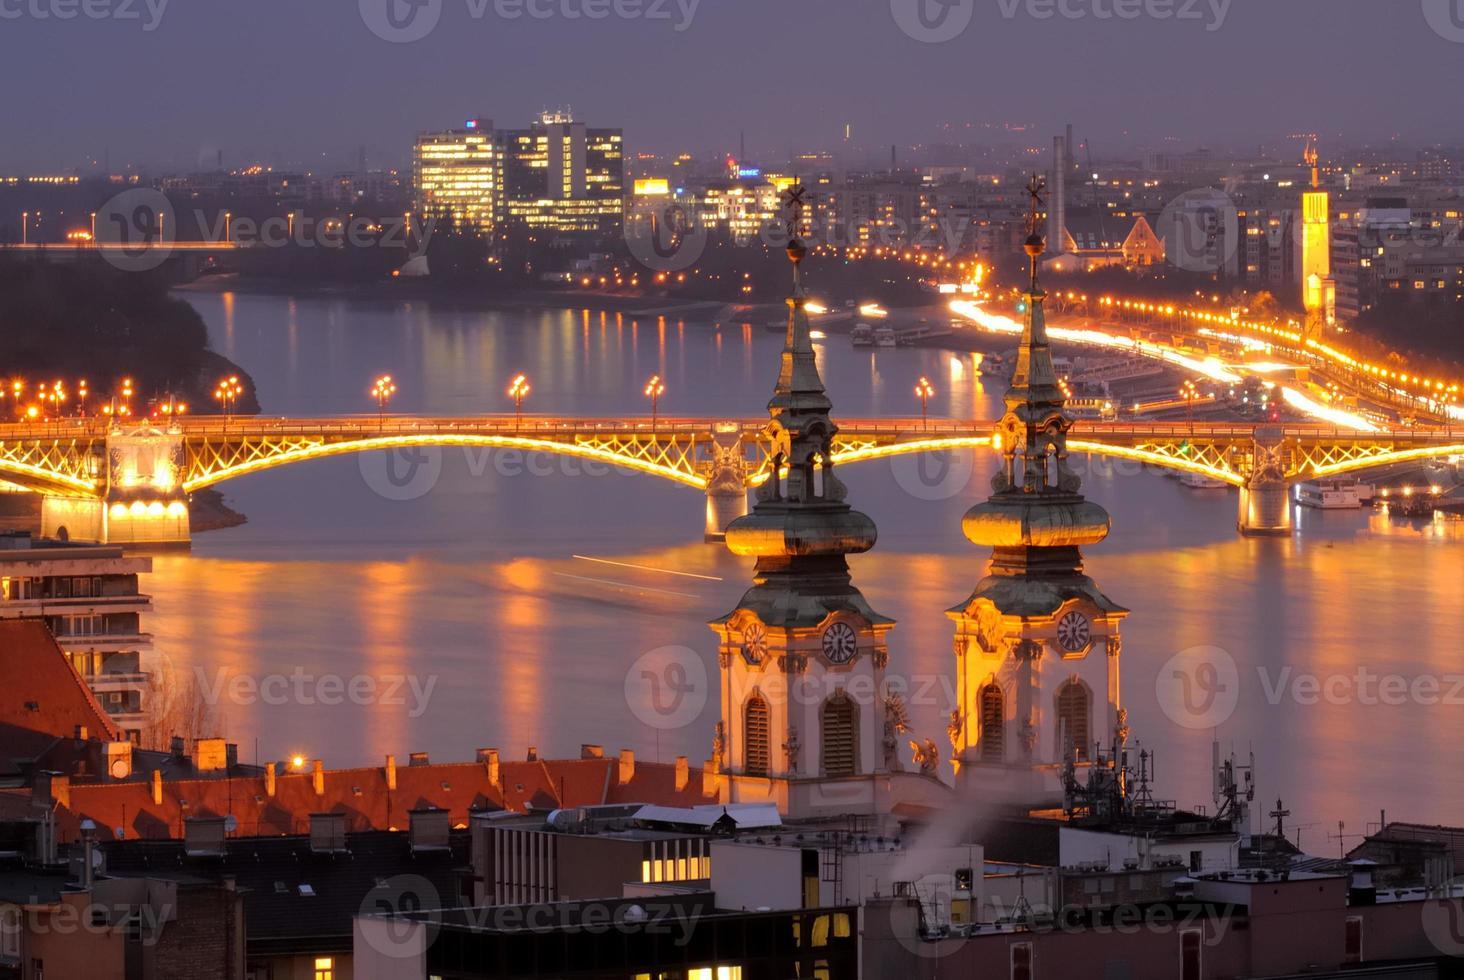 Vue de nuit sur le Danube à Budapest Hongrie photo